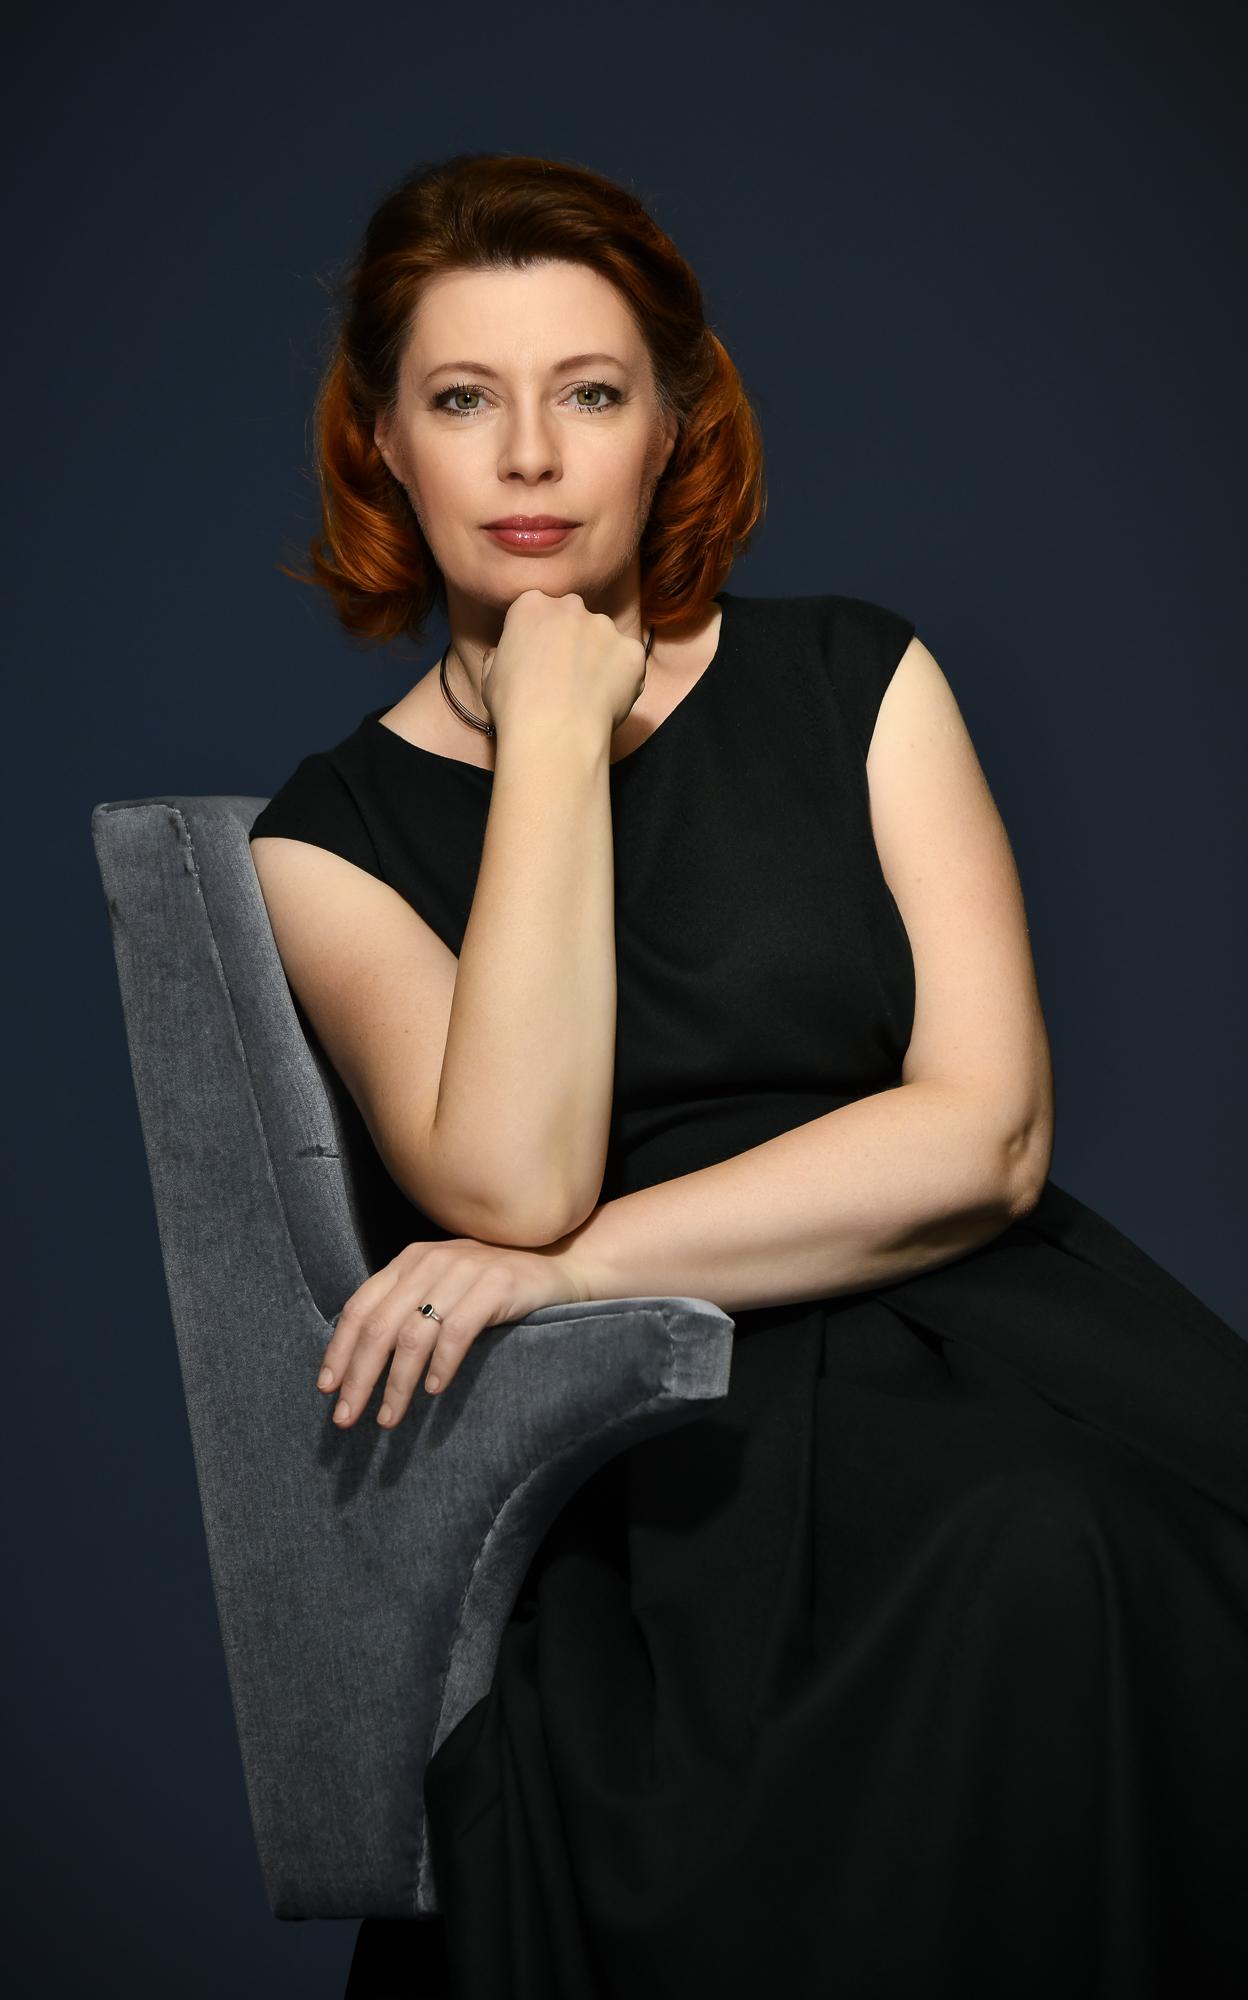 Patricie Částková